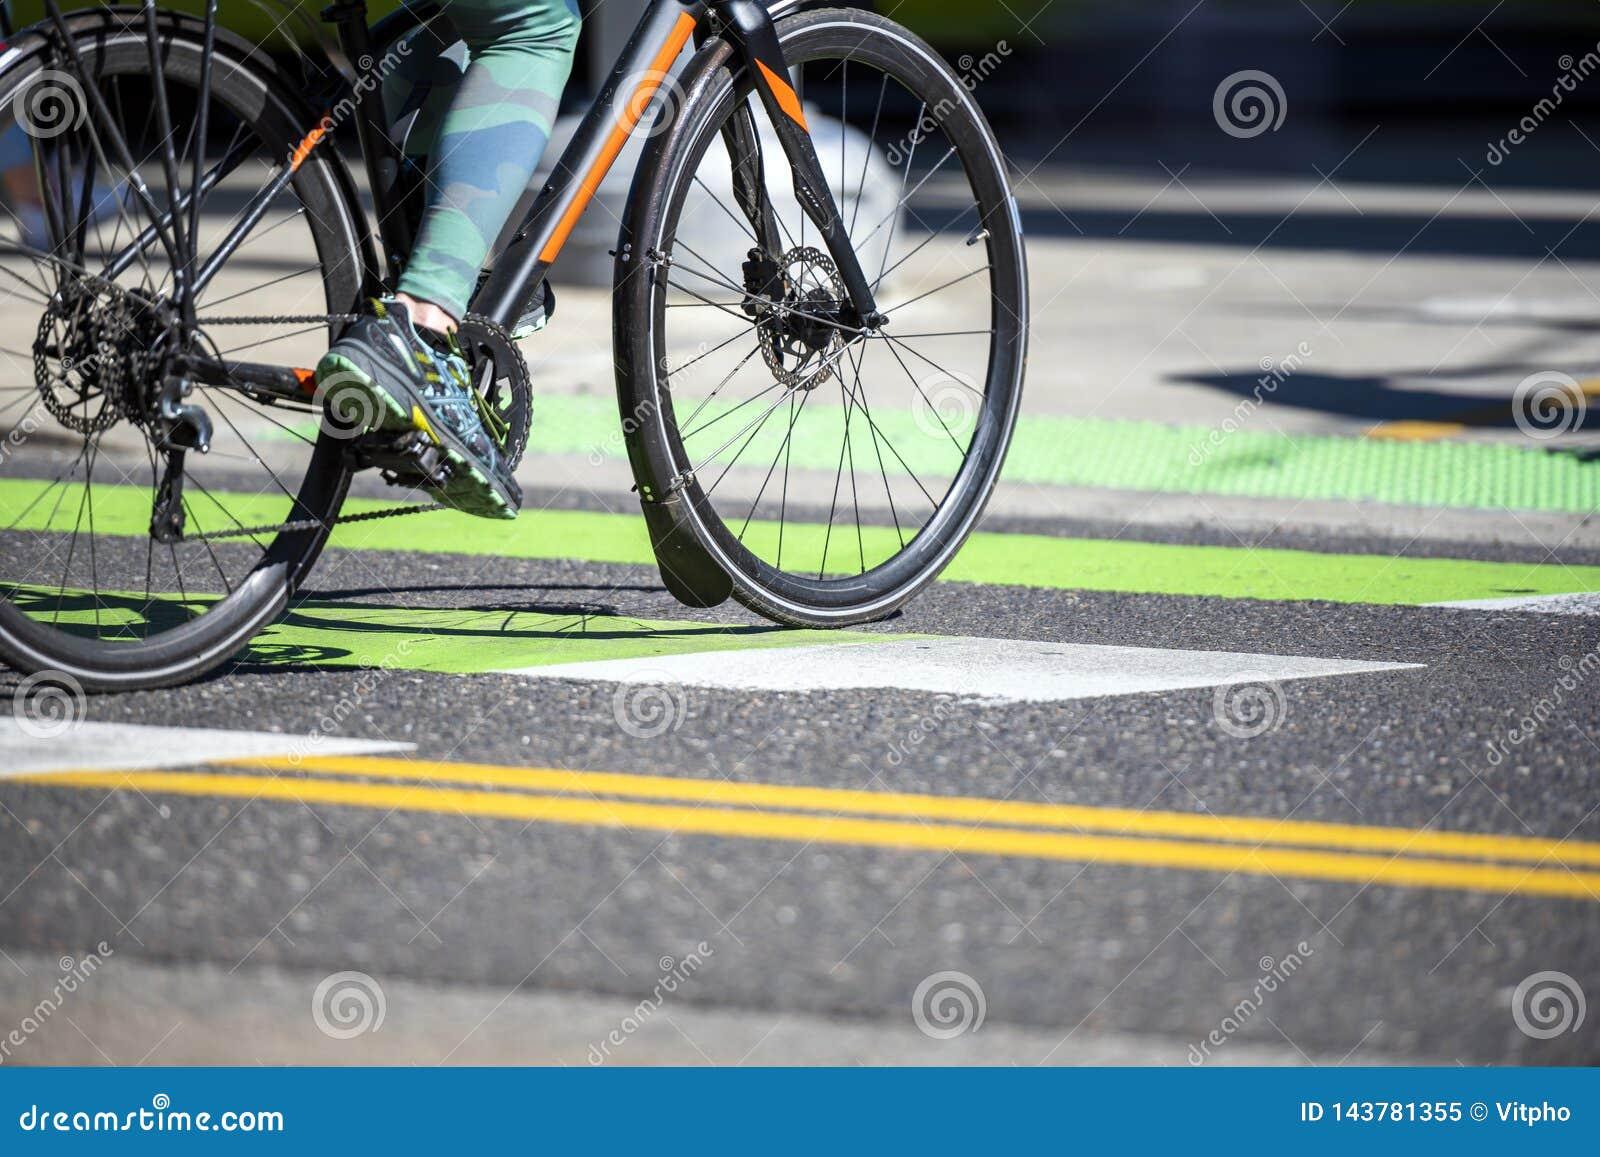 Женщина в гетры путешествуя через город на велосипеде пересекает дорогу на пешеходный переход